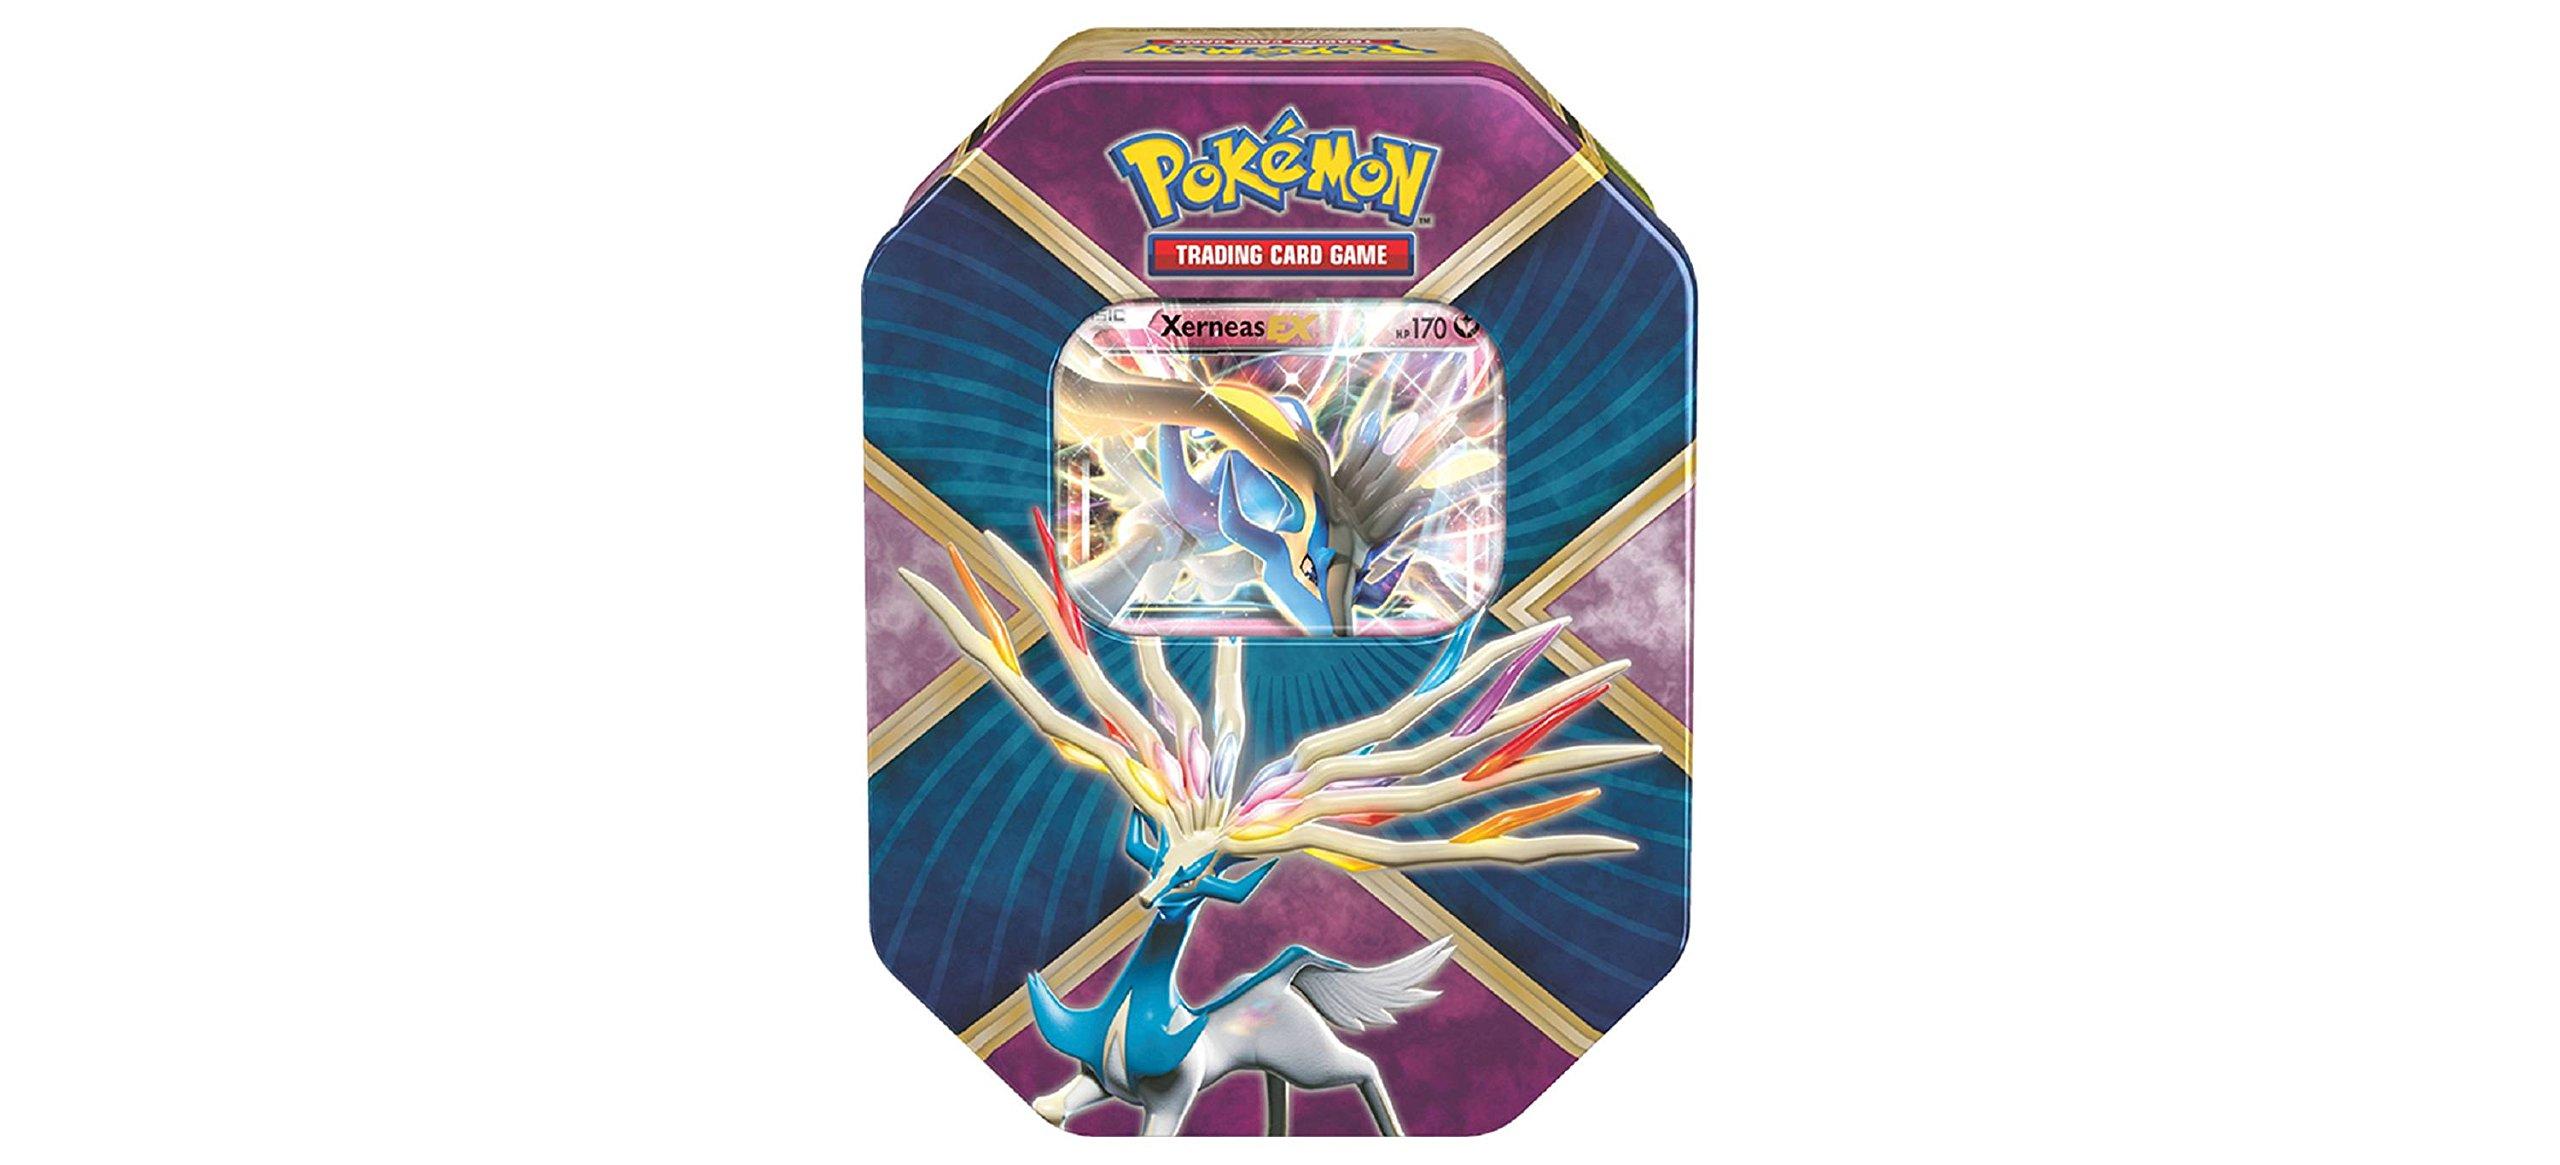 Pokemon TCG: Xerneas EX Pokemon Tin - Legends of Kalos Tin Contains 4 Pokemon Booster Packs and Ultra Rare Xerneas EX